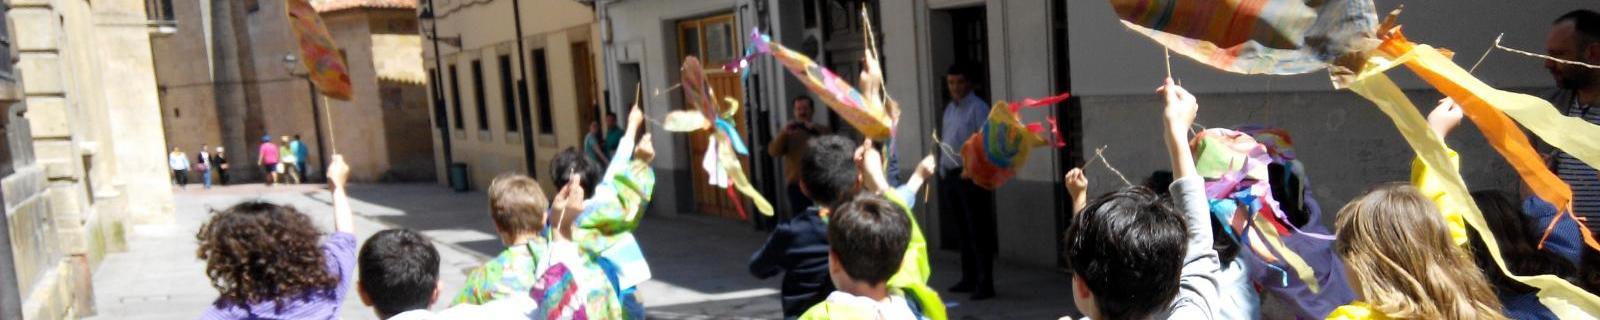 Abierto el plazo de inscripción para participar en diferentes talleres educativos en el Museo de Bellas Artes de Asturias